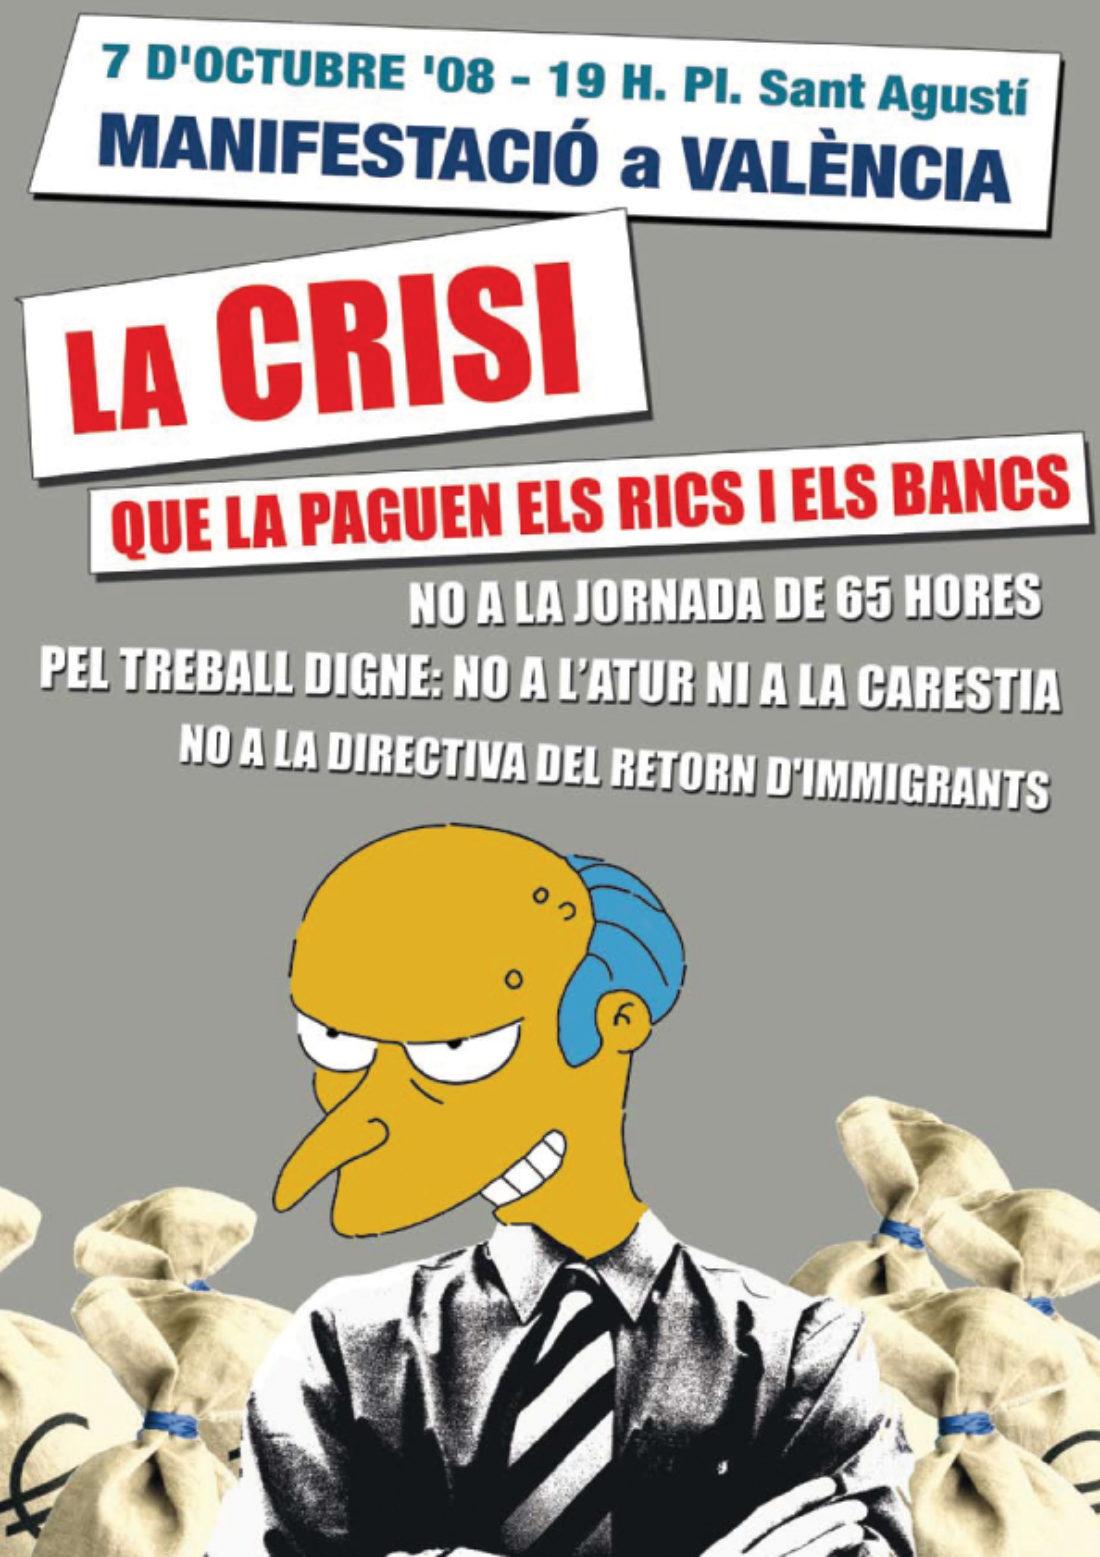 València: Manifestació 7 octubre «Ni 65 hores de treball, ni expulsions. La crisi que la paguen els rics»